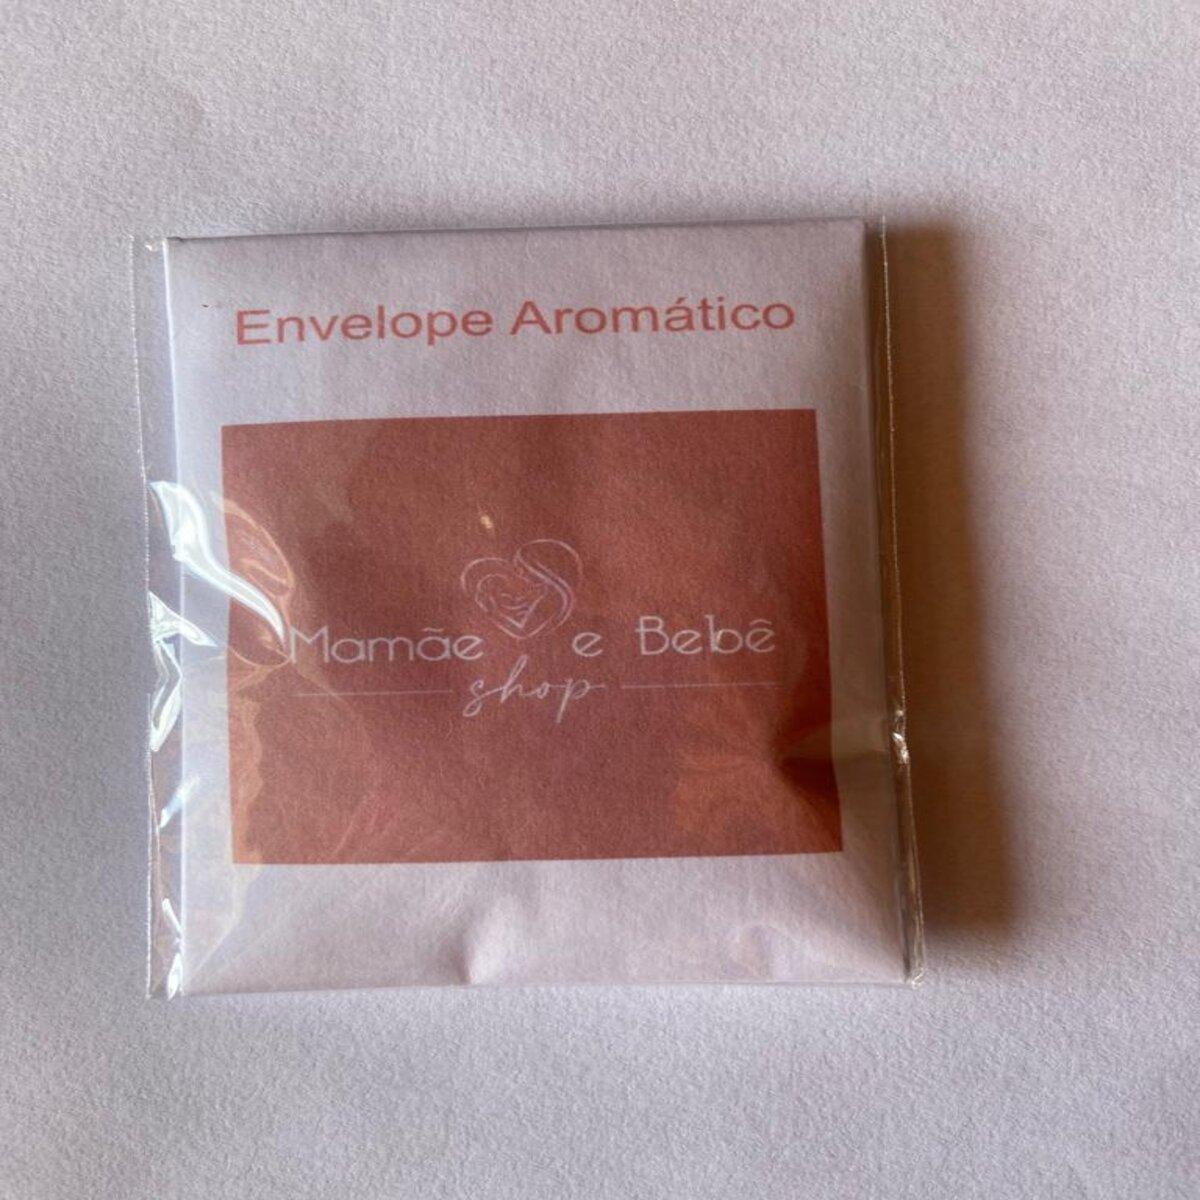 Sachê Envelope Aromático Para Ambientes - Aroma Fresco